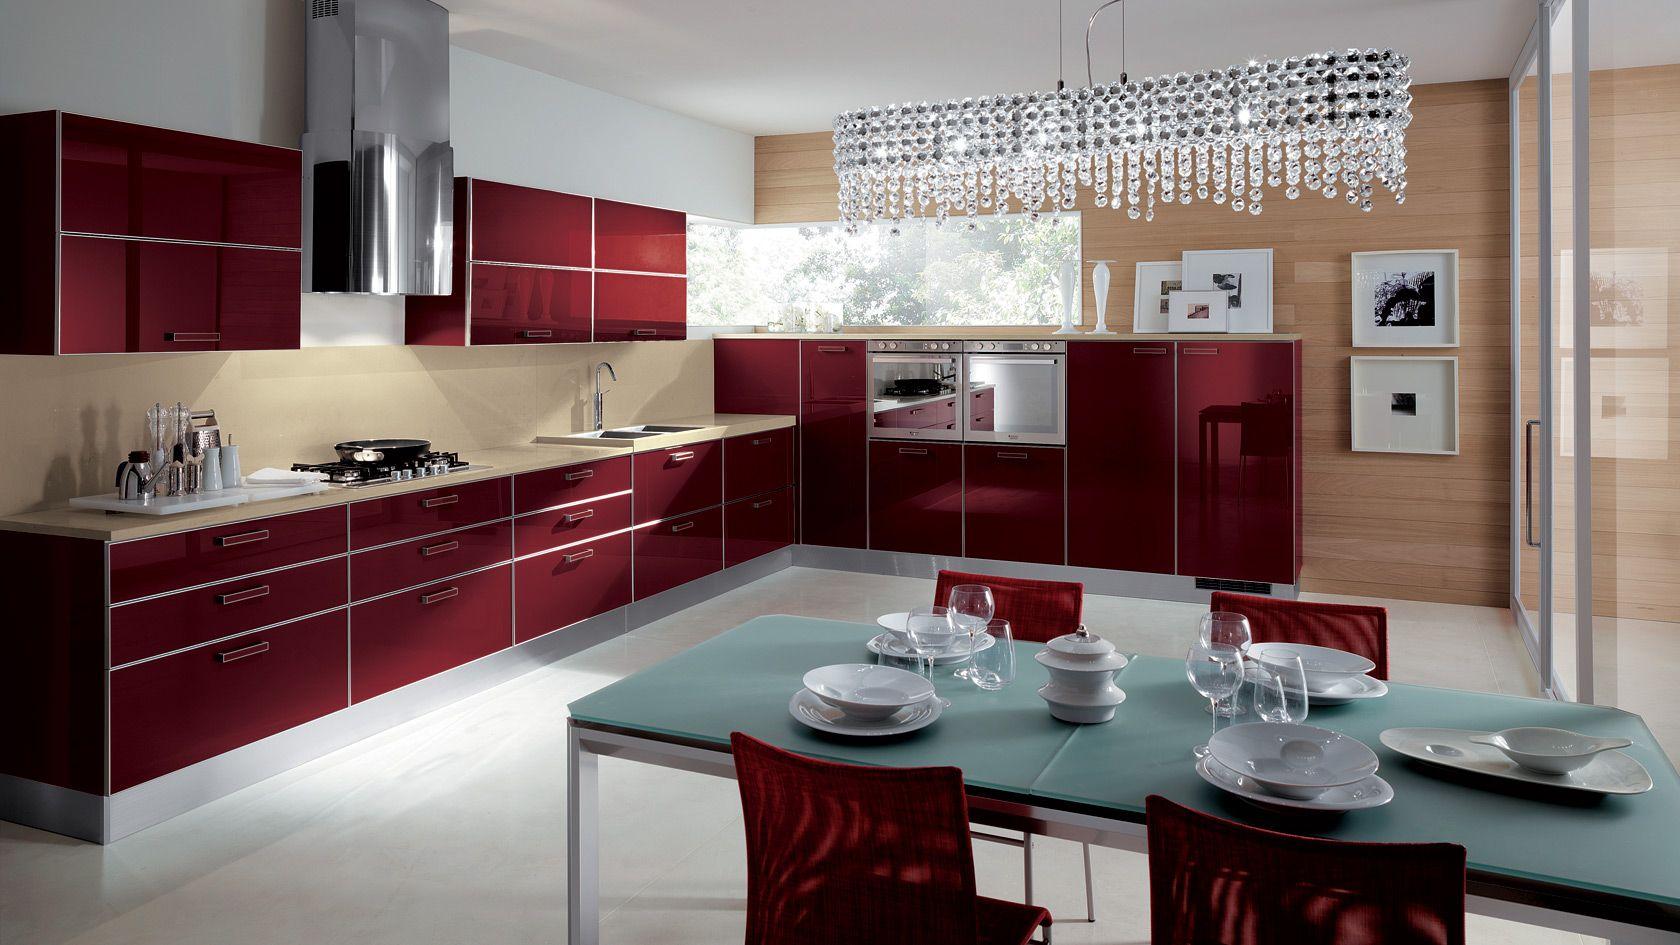 Cucina Crystal | Sito ufficiale Scavolini | Cucina Vetro ...